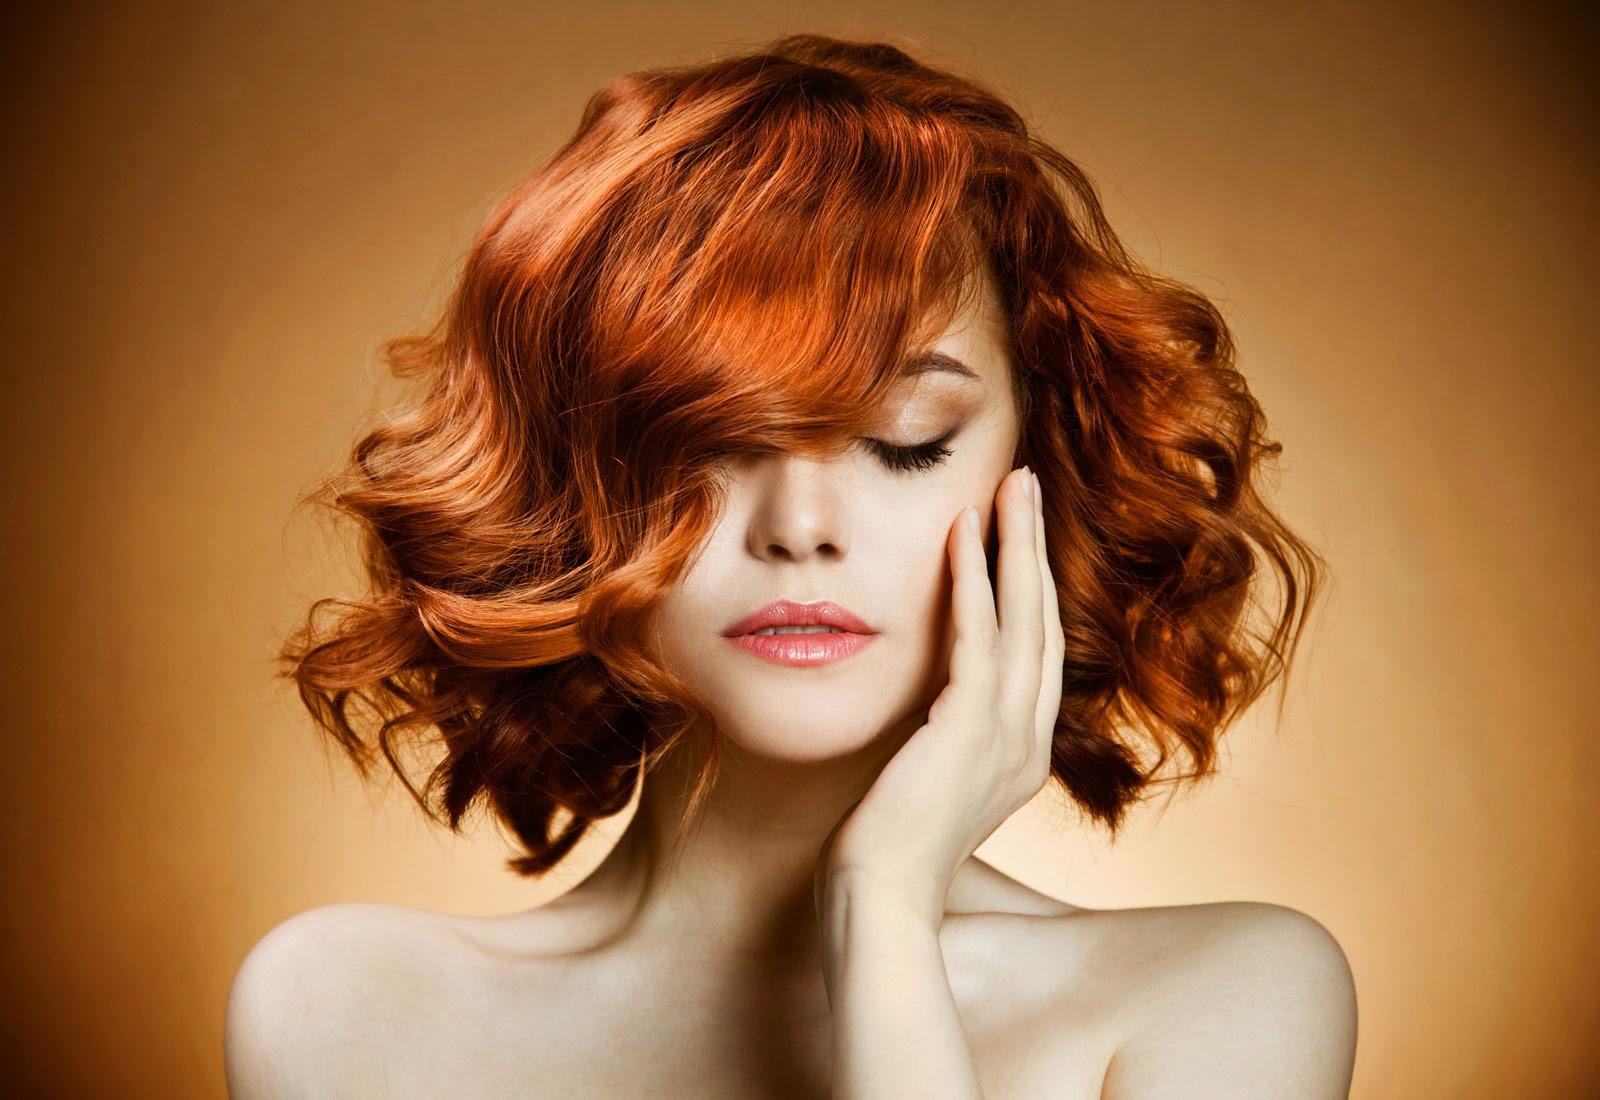 Kestane Renkli Saçlara Uygun Makyaj Nasıl Yapılır